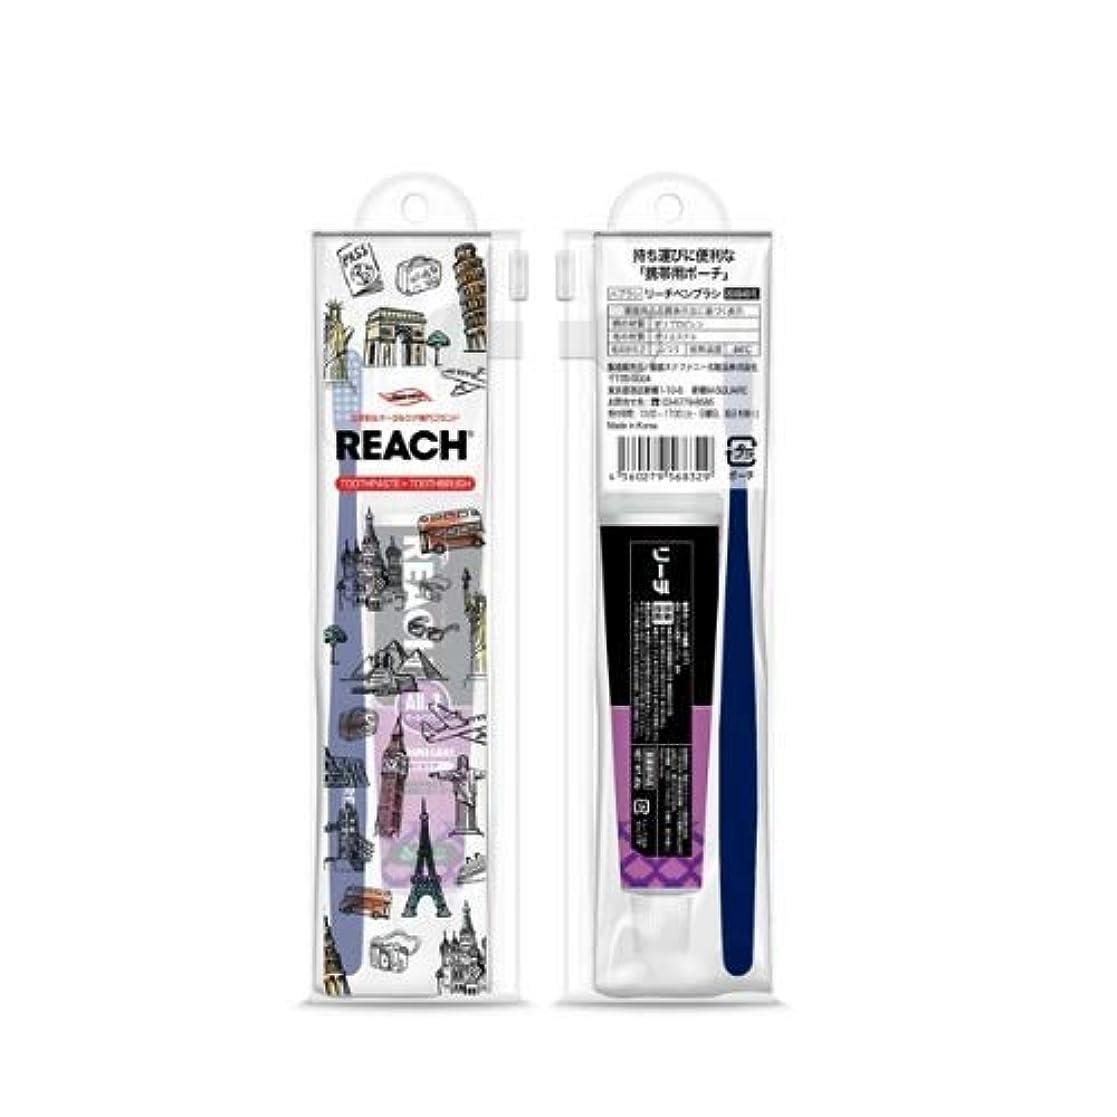 ママ流フライトリーチトラベルセット(デンタル歯ブラシ1本?薬用歯みがき40g) × 72個セット